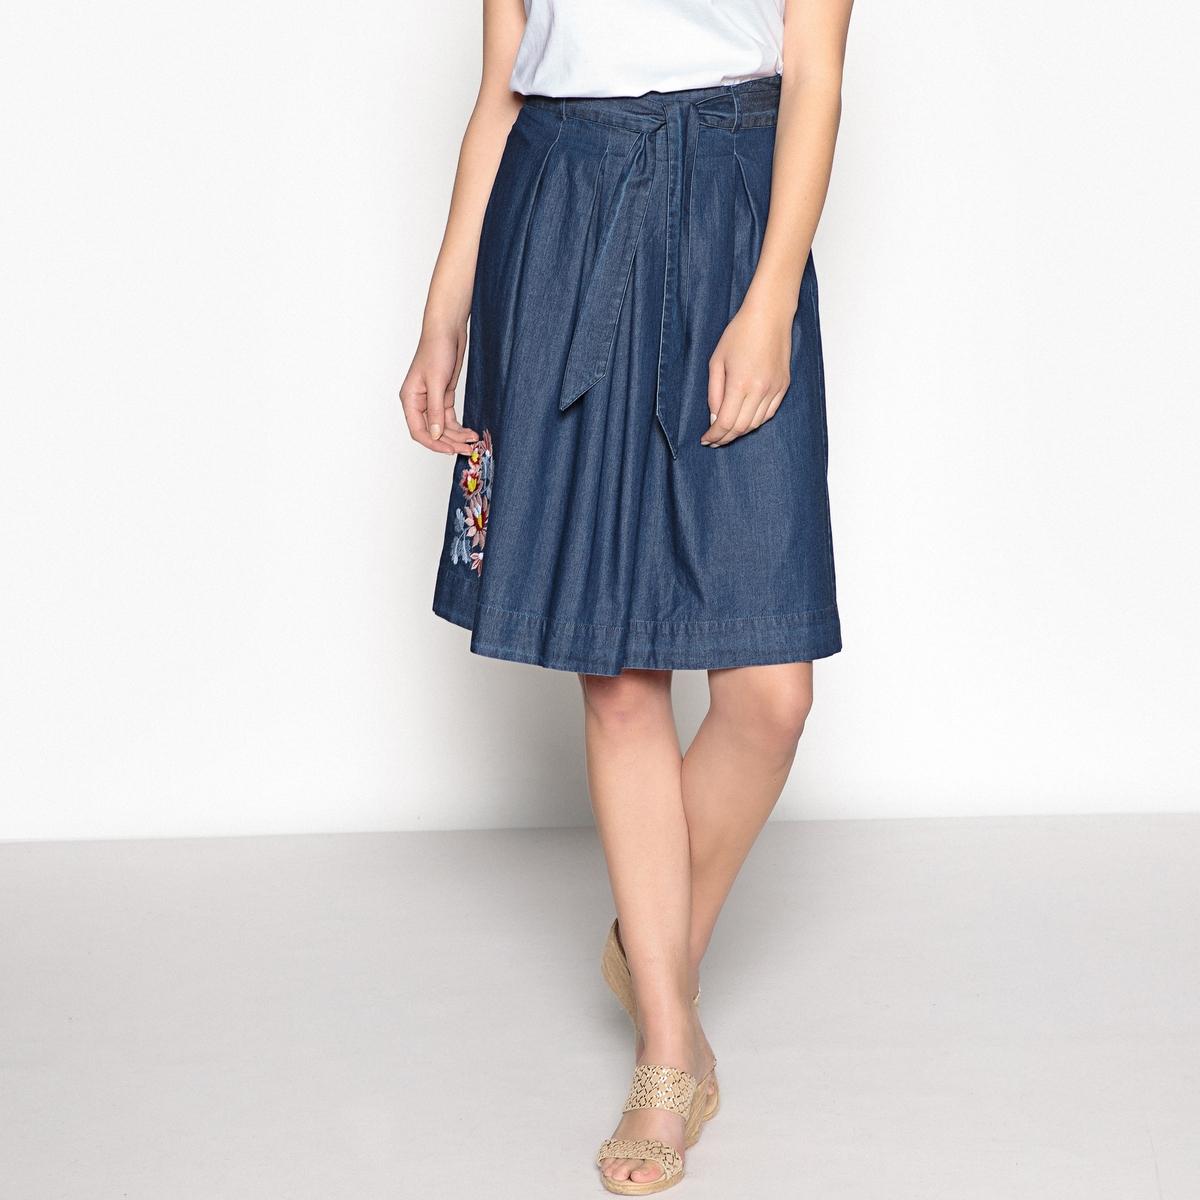 Юбка расклешенная с вышивкой из струящейся джинсовой ткани юбка короткая из джинсовой ткани